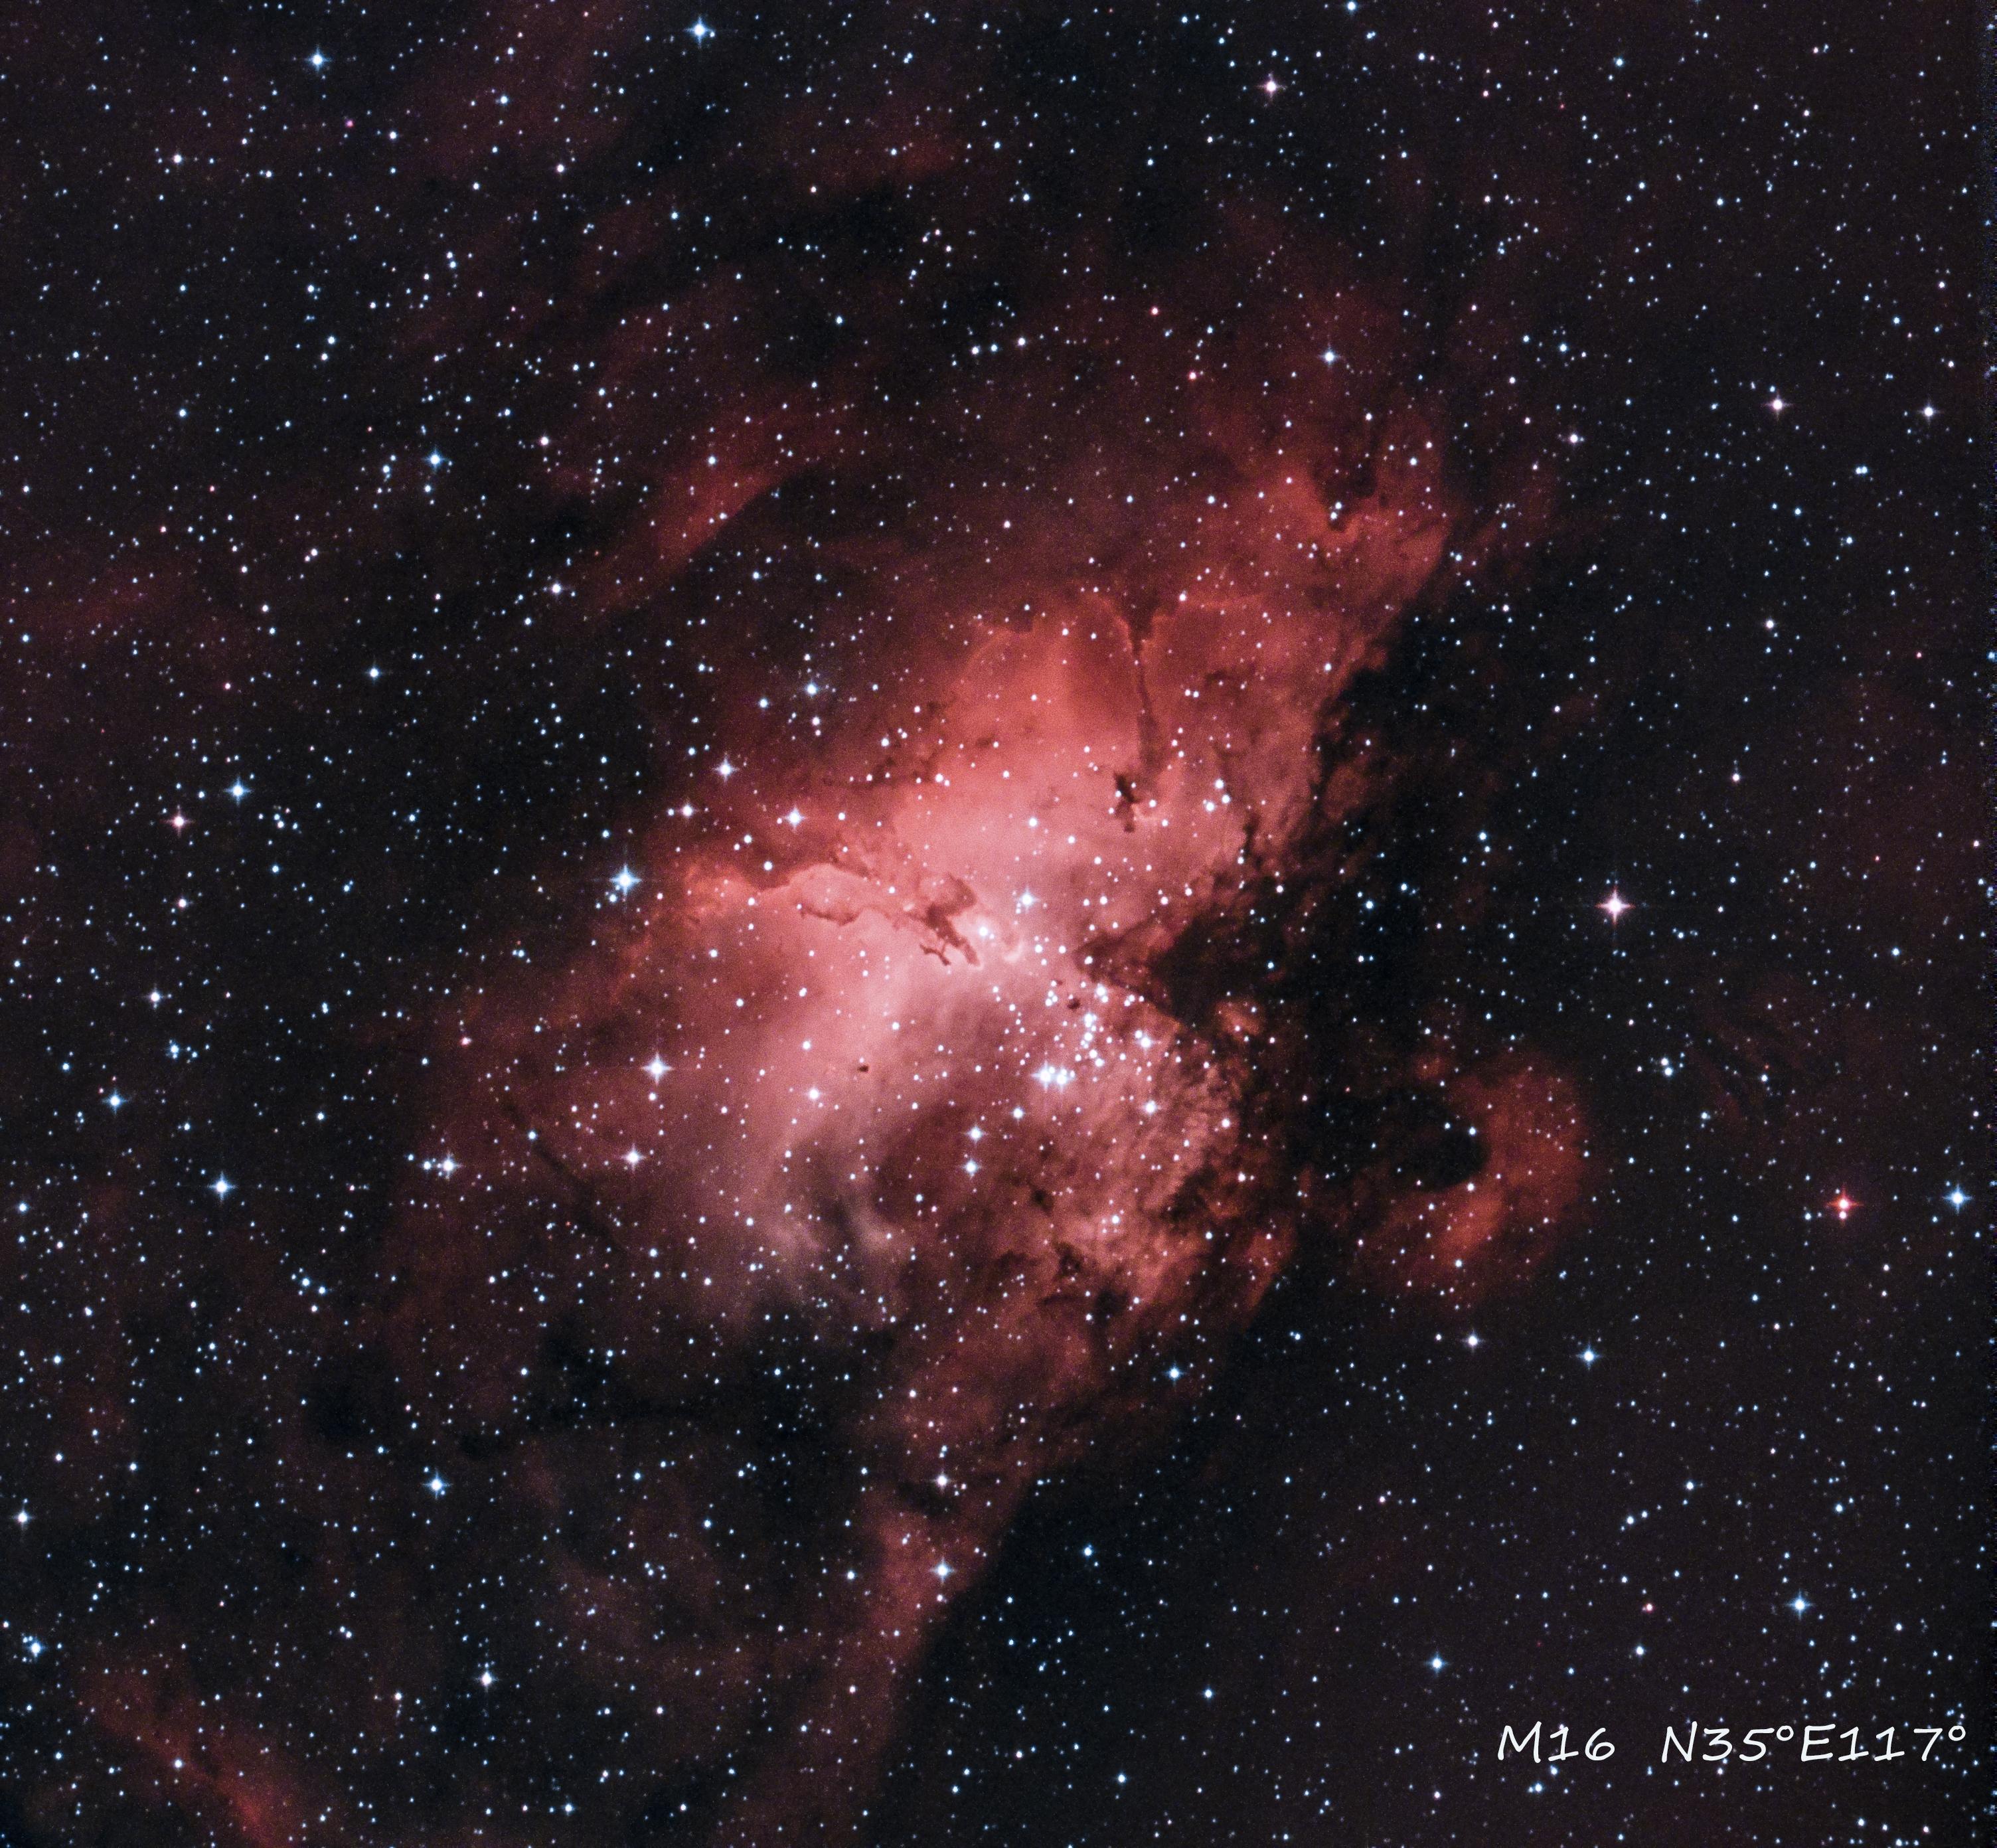 M16-Pi.jpg